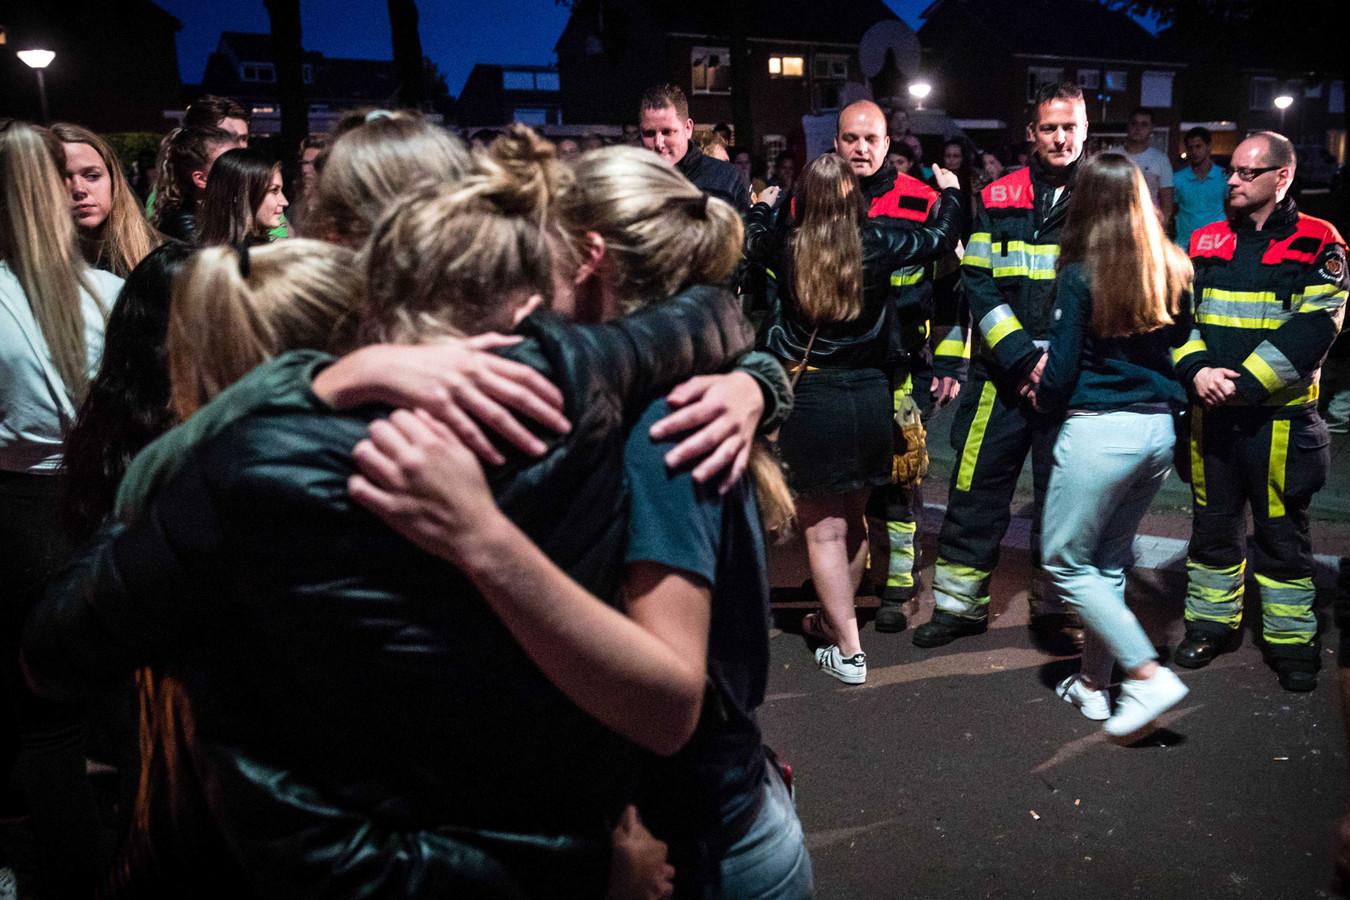 Brandweerlieden die hulp hebben geboden na het ongeluk tussen een trein en de bakfiets, waarbij vier kinderen zijn omgekomen, bezoeken de spontane herdenking nabij de spoorwegovergang.